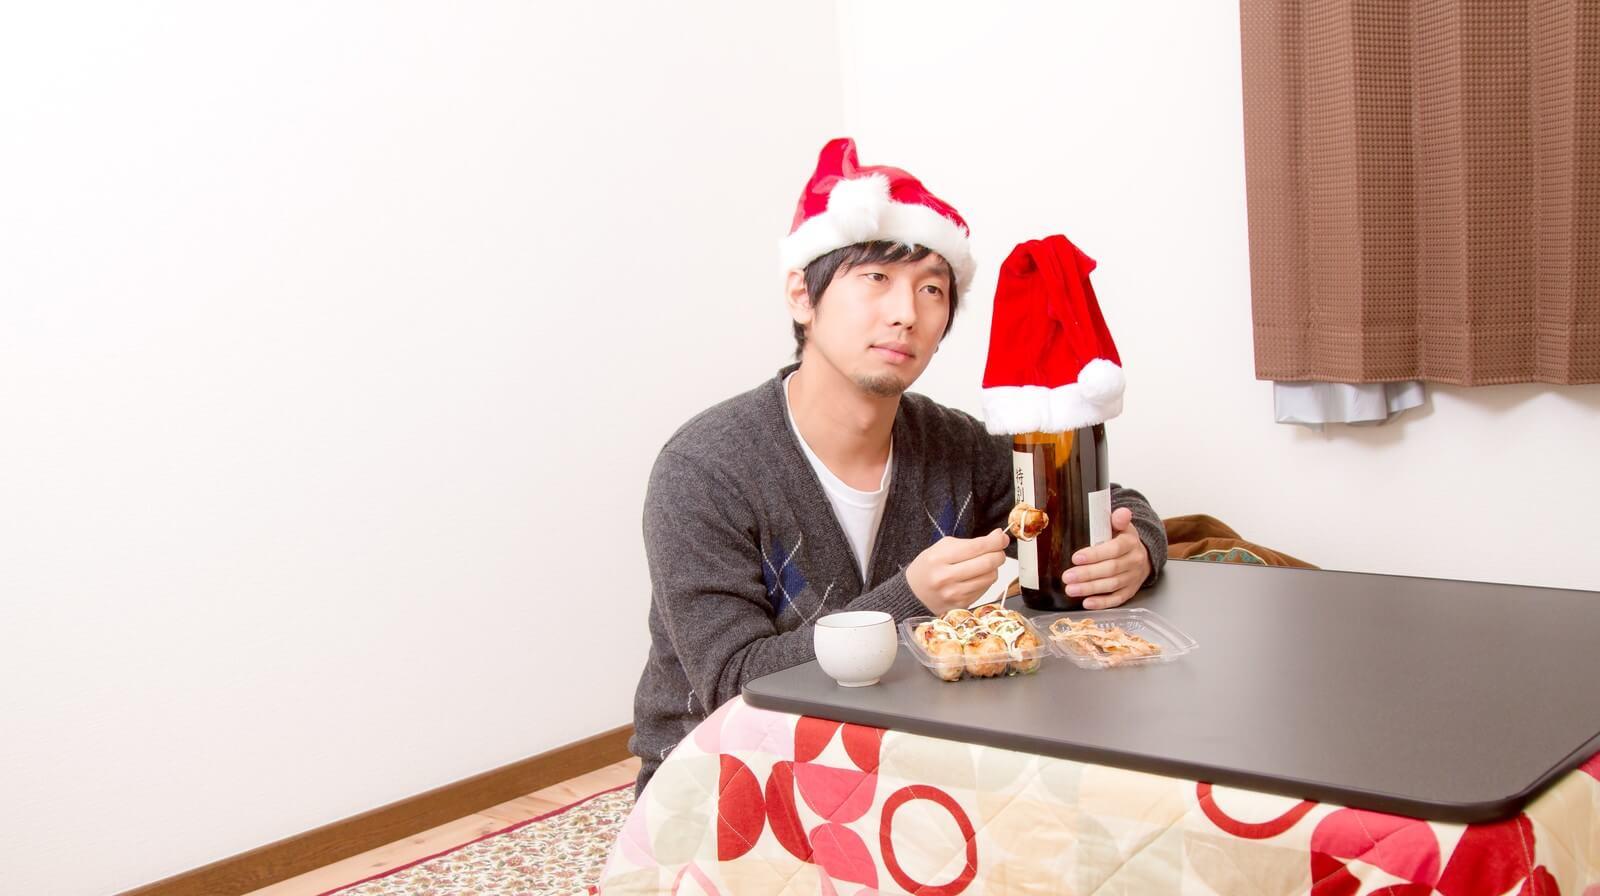 ぼっちクリスマスの人に朗報です。すぐにプレゼントをあげる相手が見つかりますよ